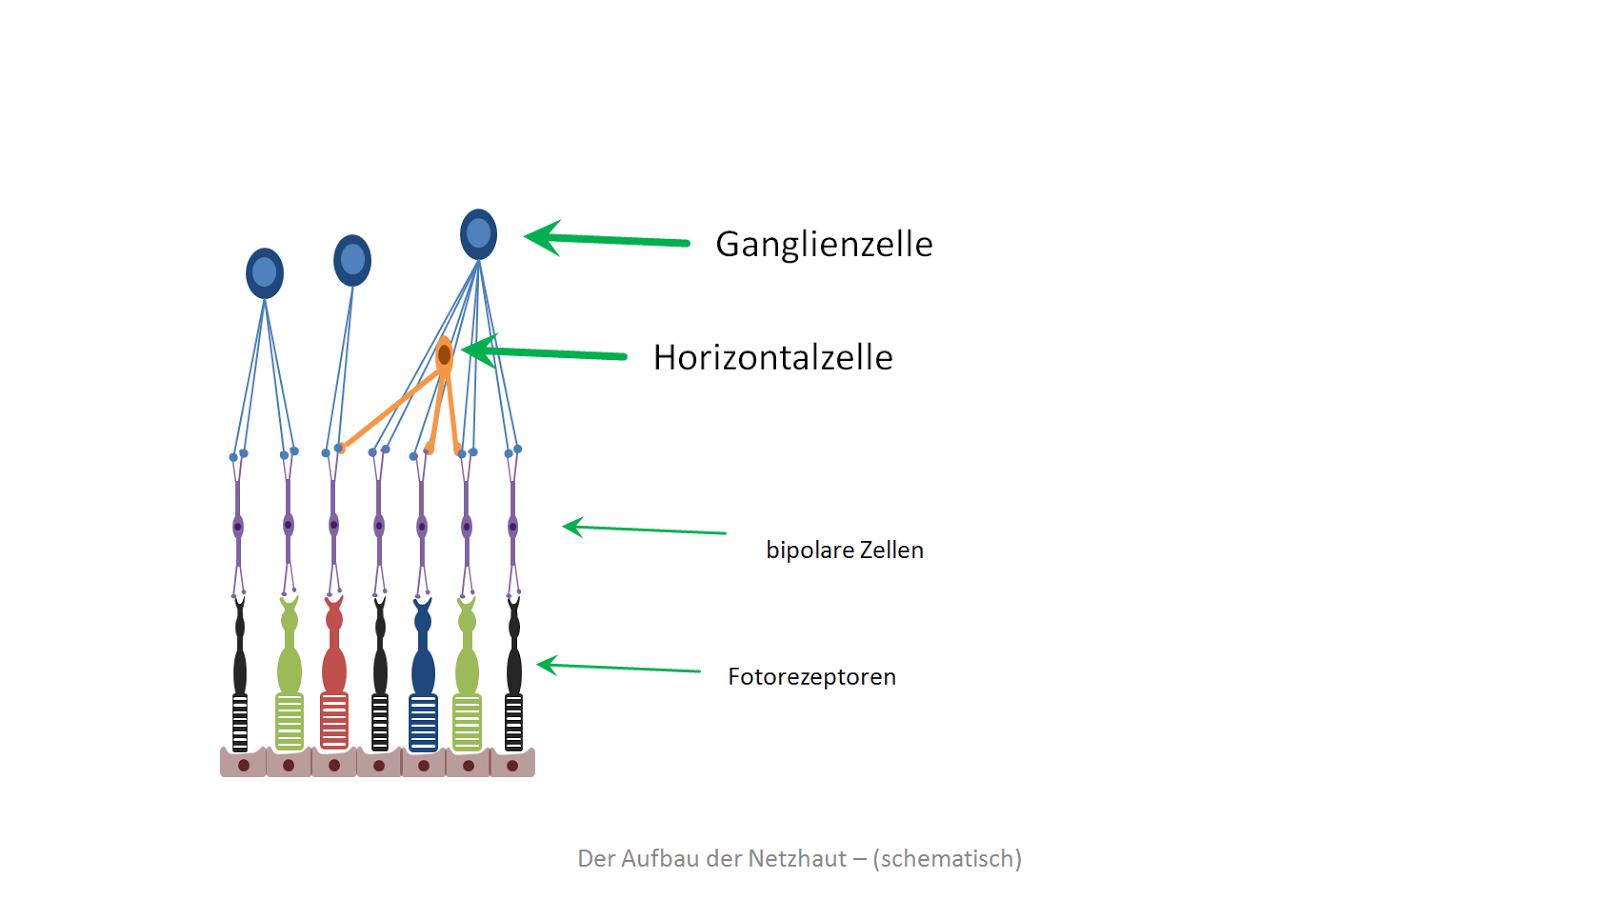 Amakrinzellen